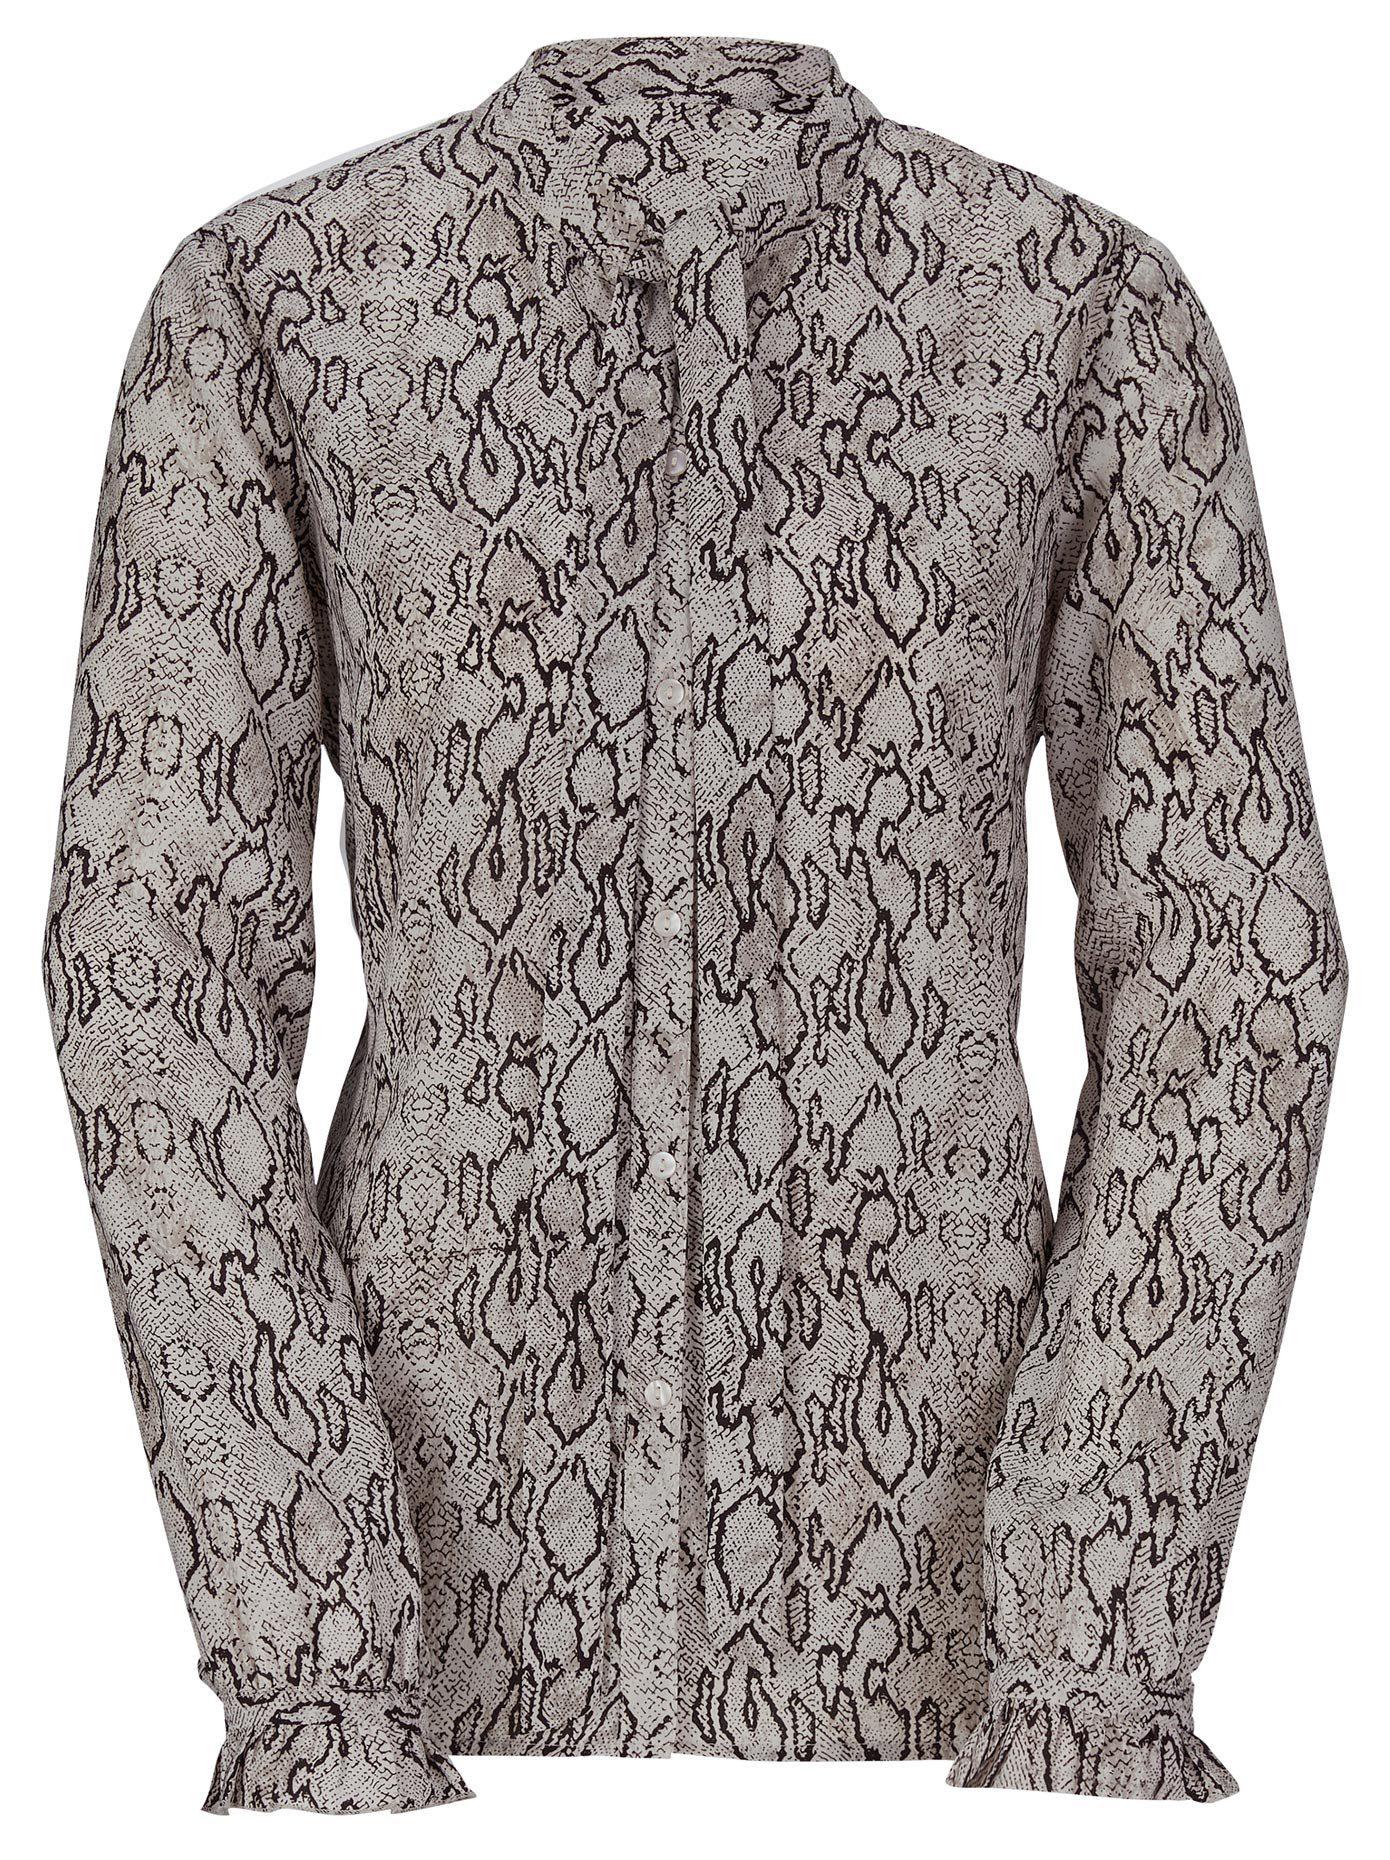 Joe Wenko Mens Crewneck Stretch Slim Fit Zip Ruched Raglan Sleeve Top Tee T-Shirts